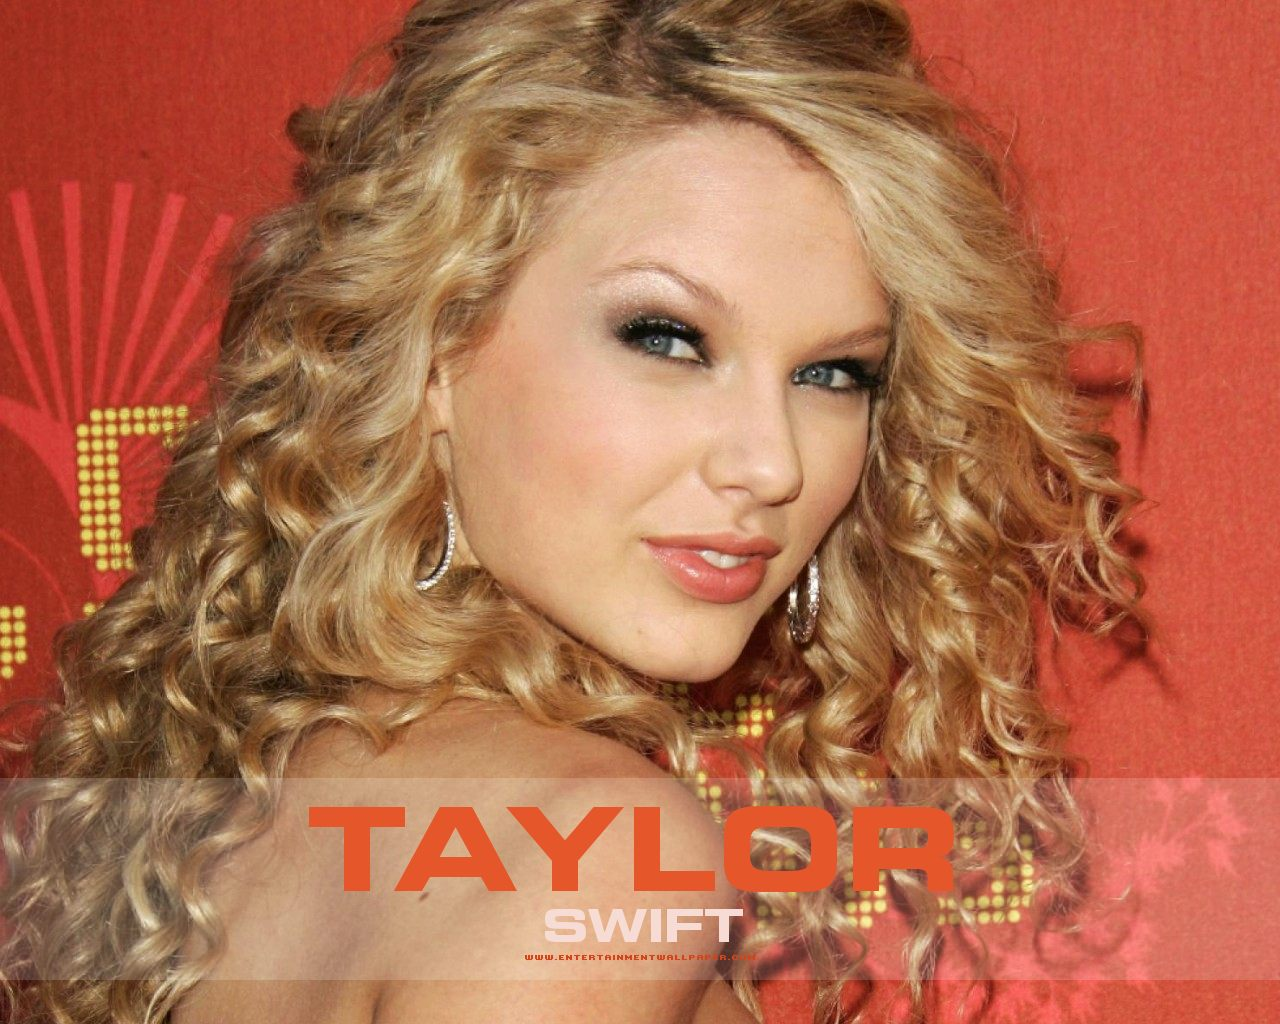 dangerr: taylor swift latest hd wallpapers